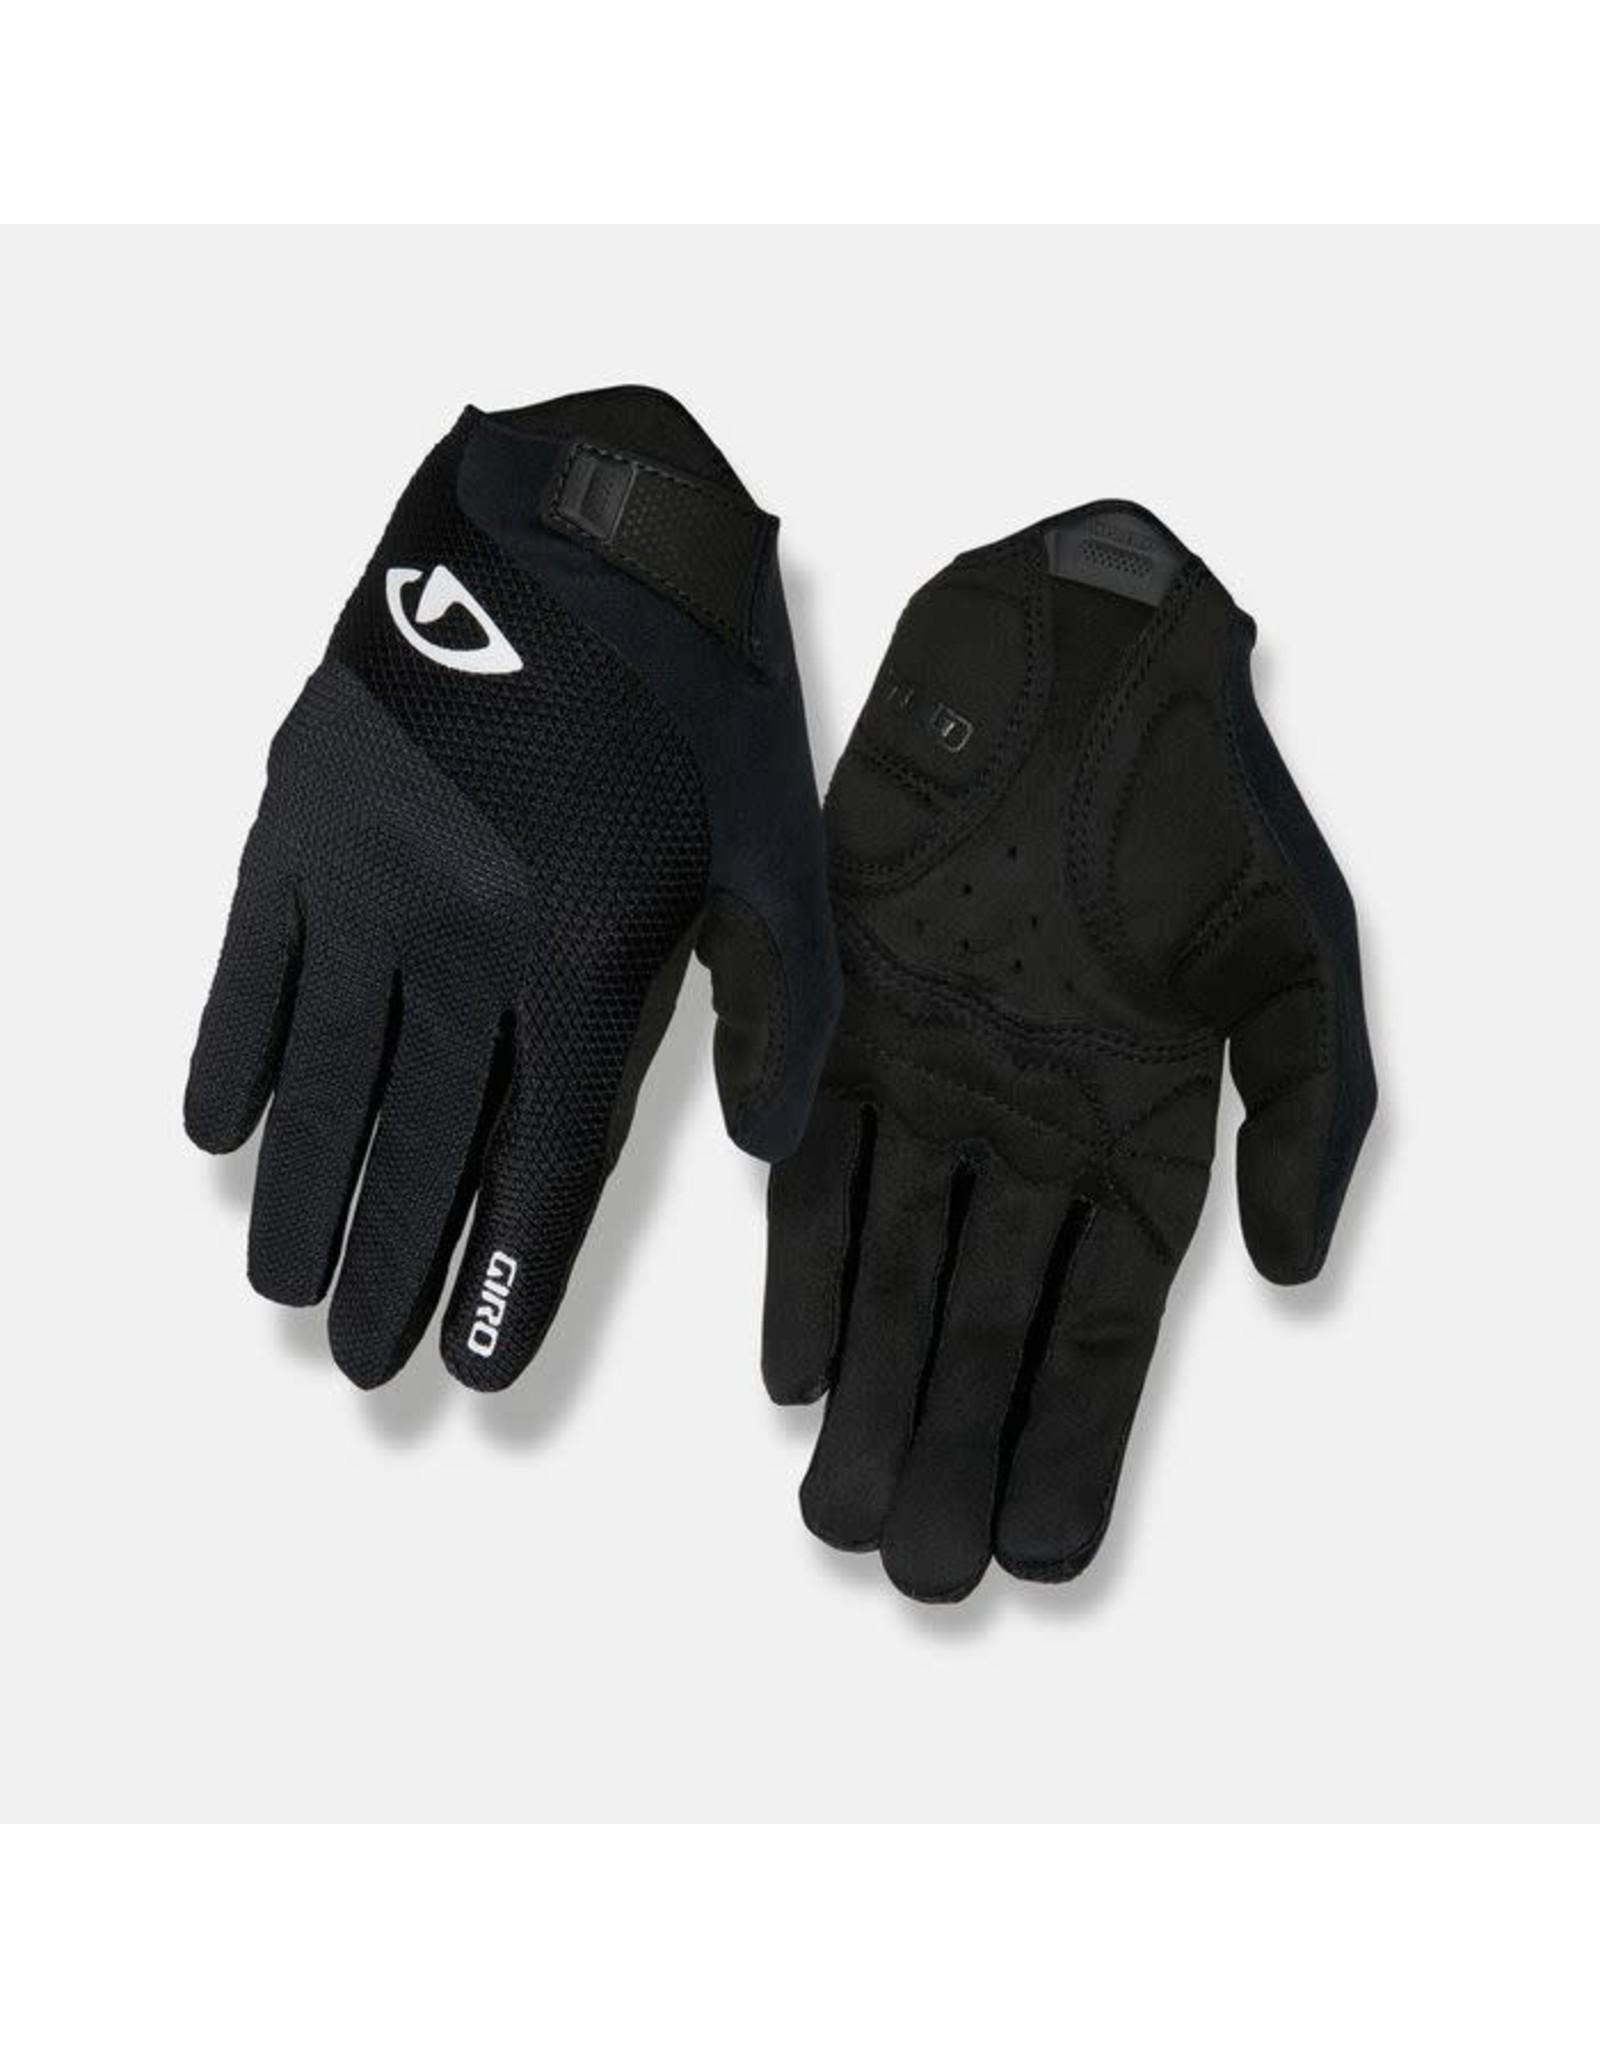 Giro Cycling Women's Tessa LF Glove